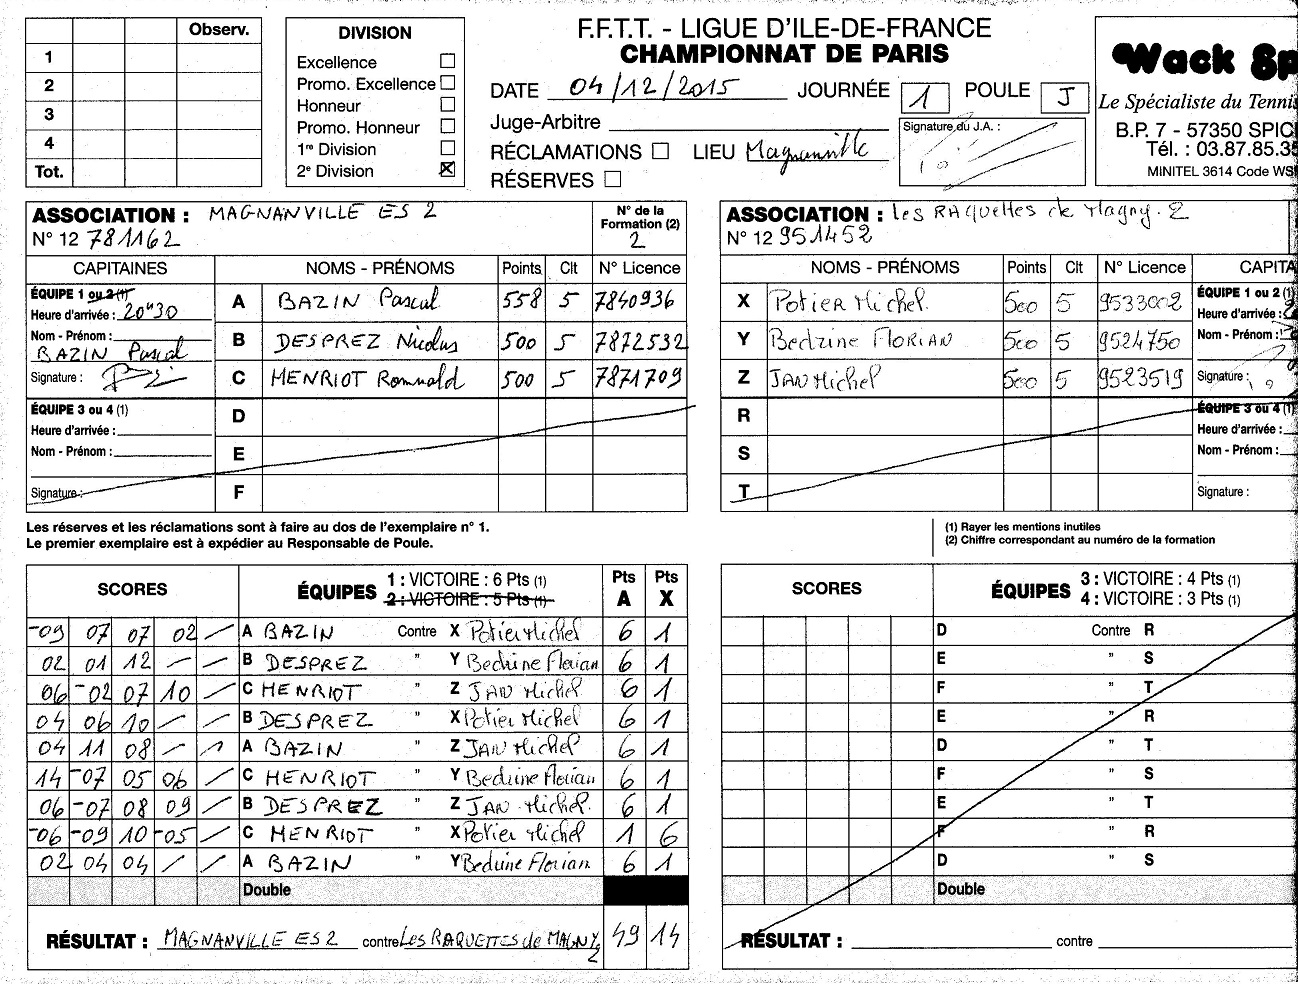 Champ Paris J1 Equipe 2